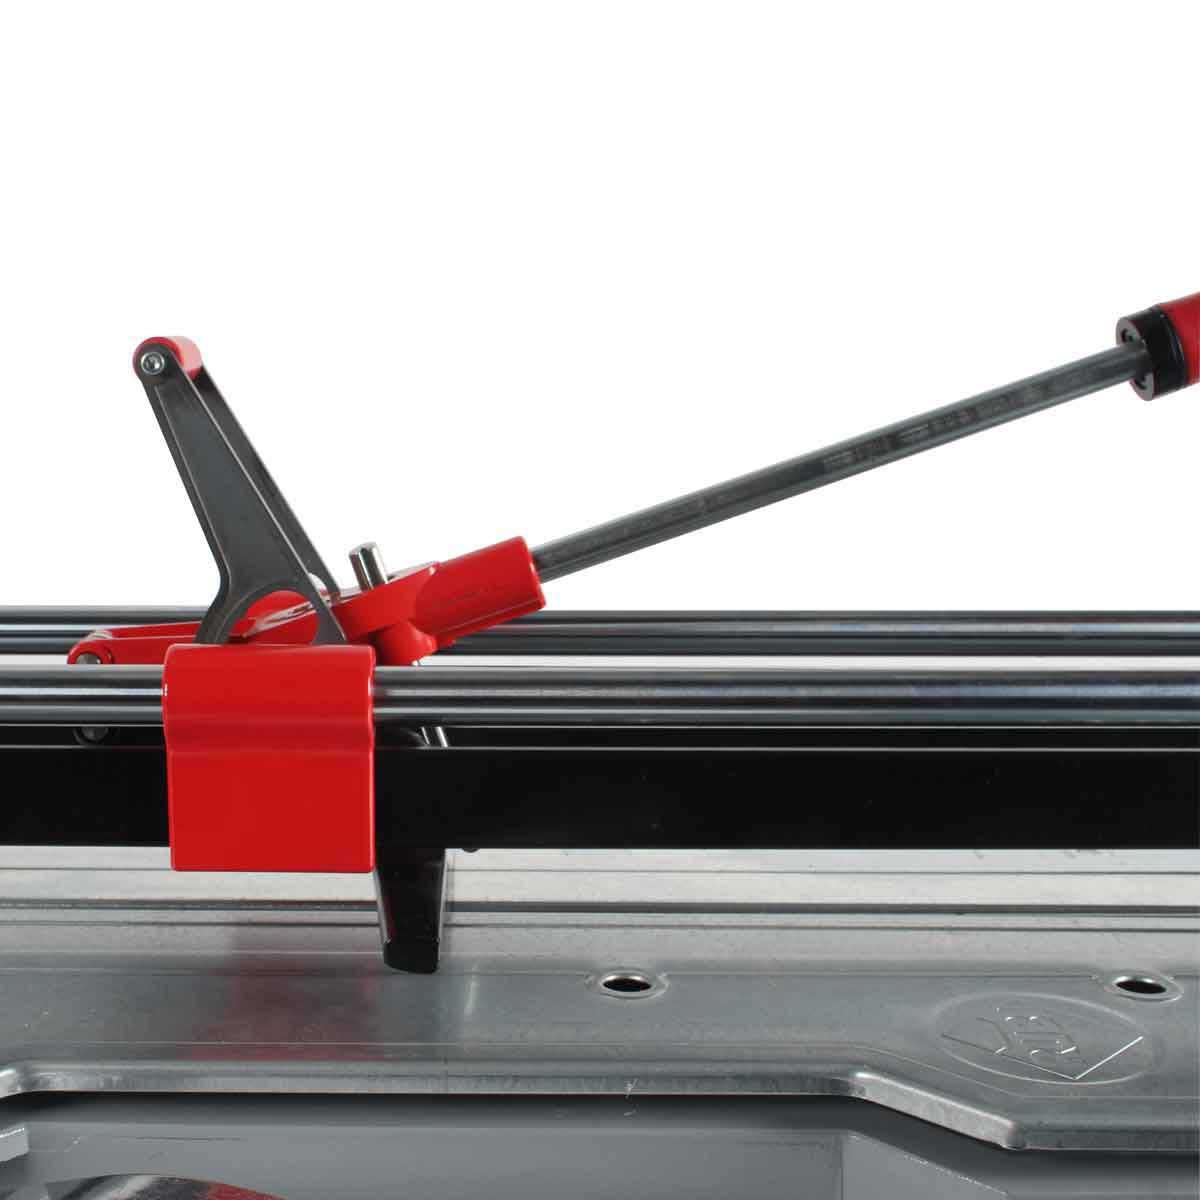 Rubi TX-N Tile Cutter guide bars